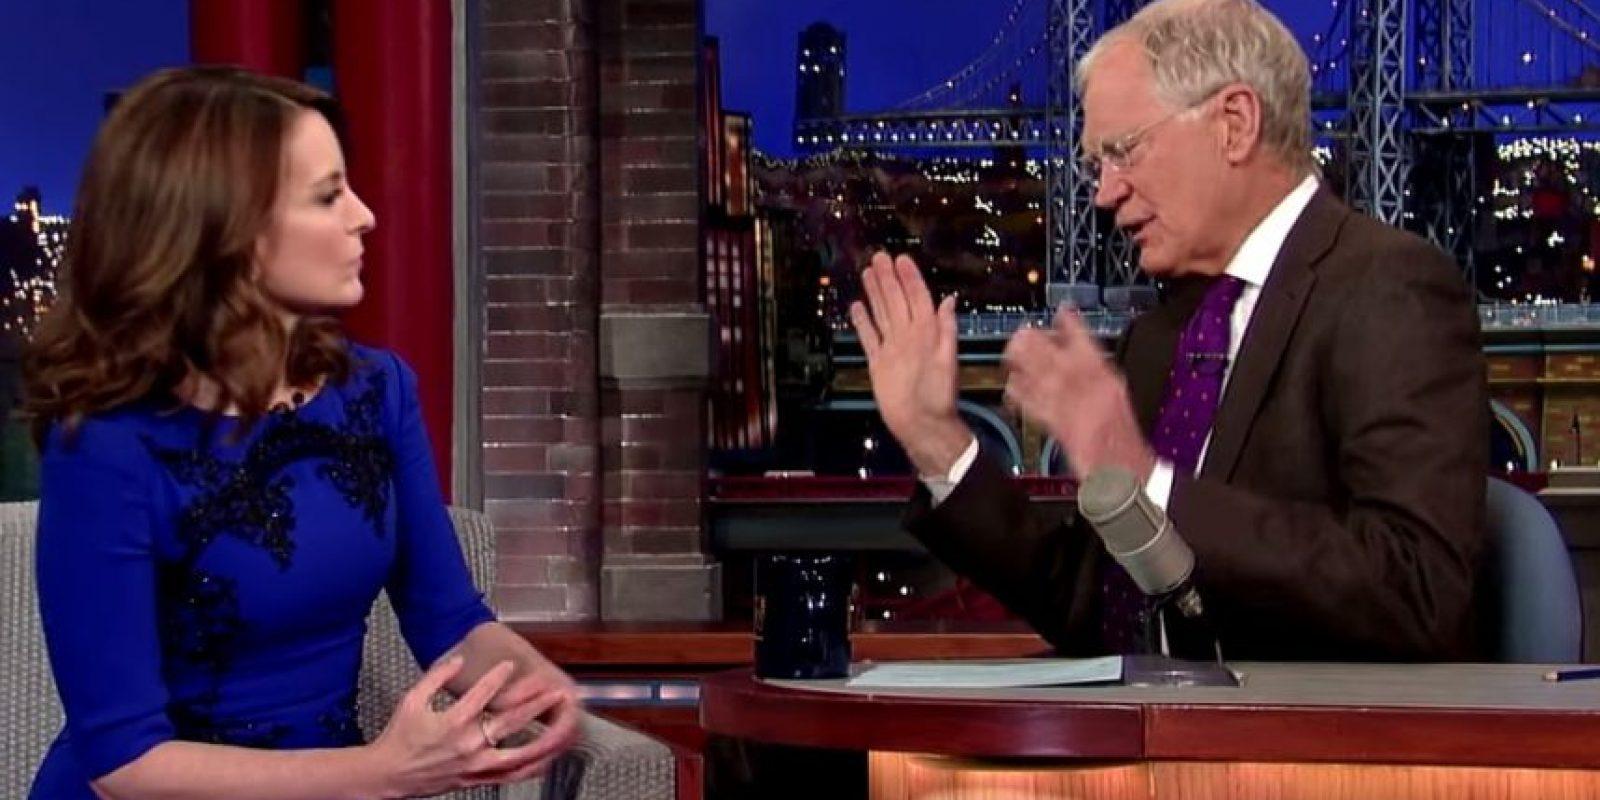 Fur invitada al Show de David Letterman Foto:Late Show with David Letterman